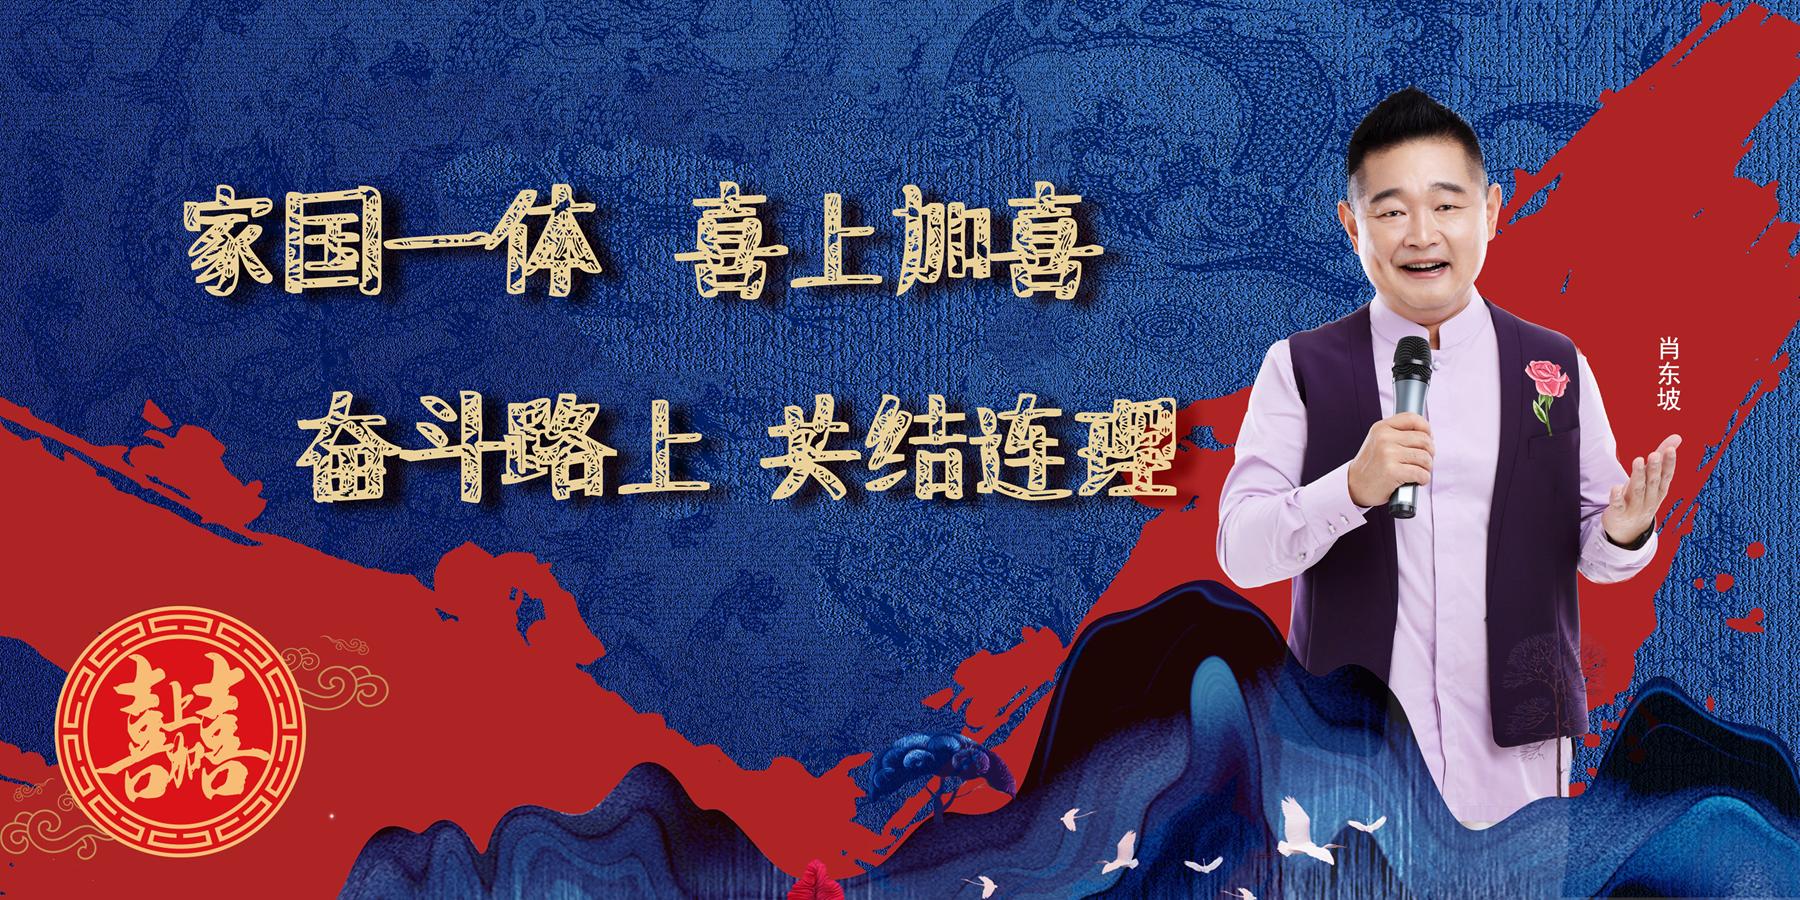 首播:央视综艺频道新栏目《喜上加喜》五一期间惊艳来袭!